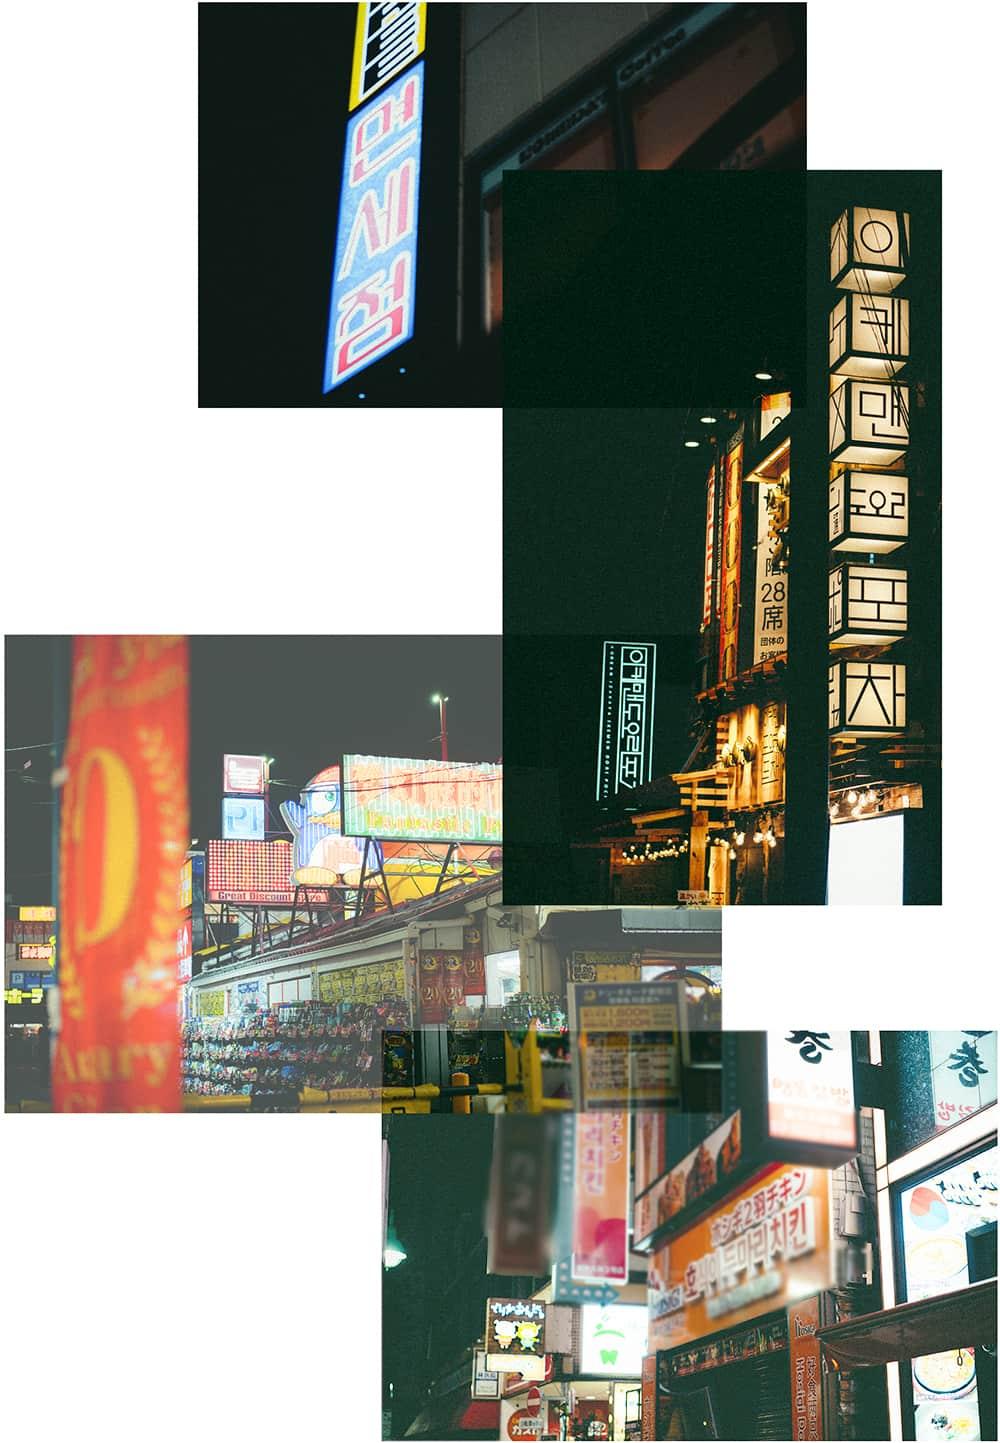 東京闊歩〜ドクターマーチンで徘徊する、新宿区・新大久保コリアンタウン〜